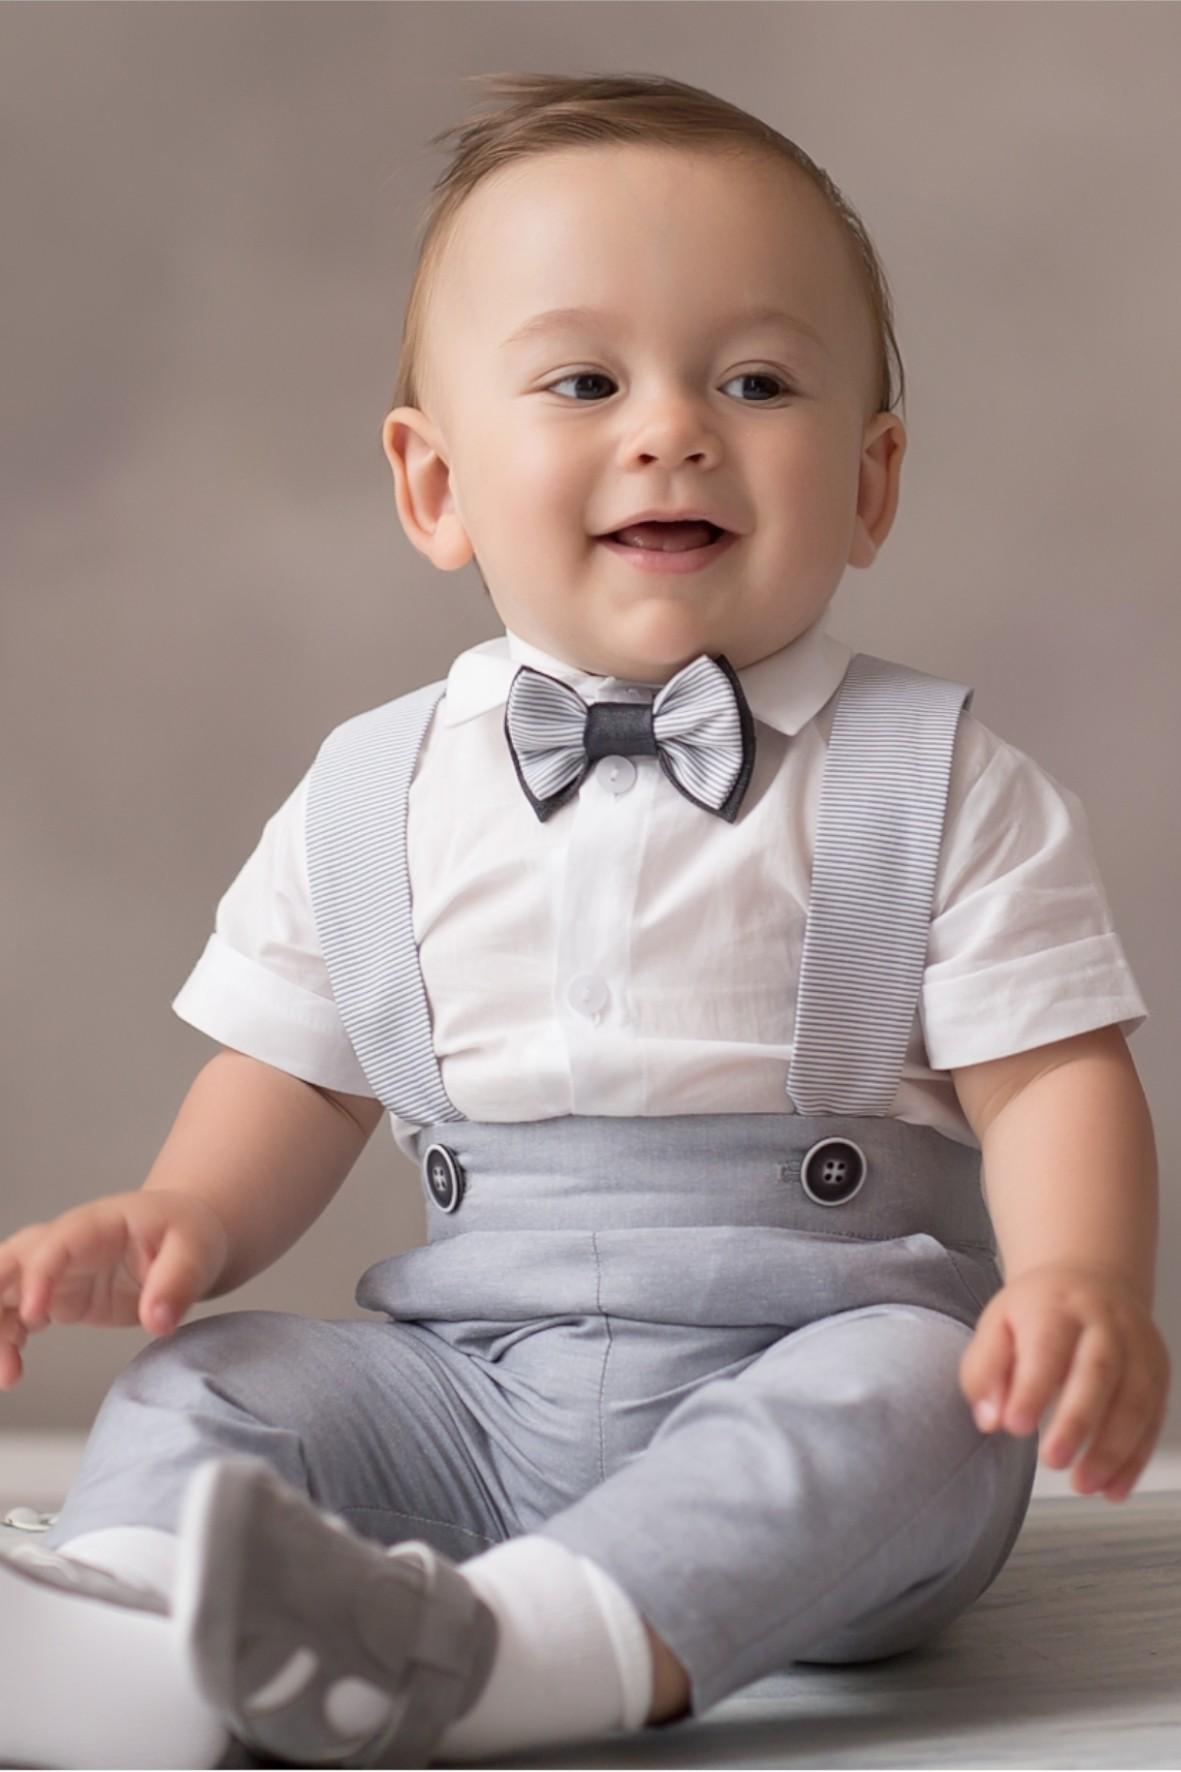 Komplet do chrztu dla chłopca, 3 elementy